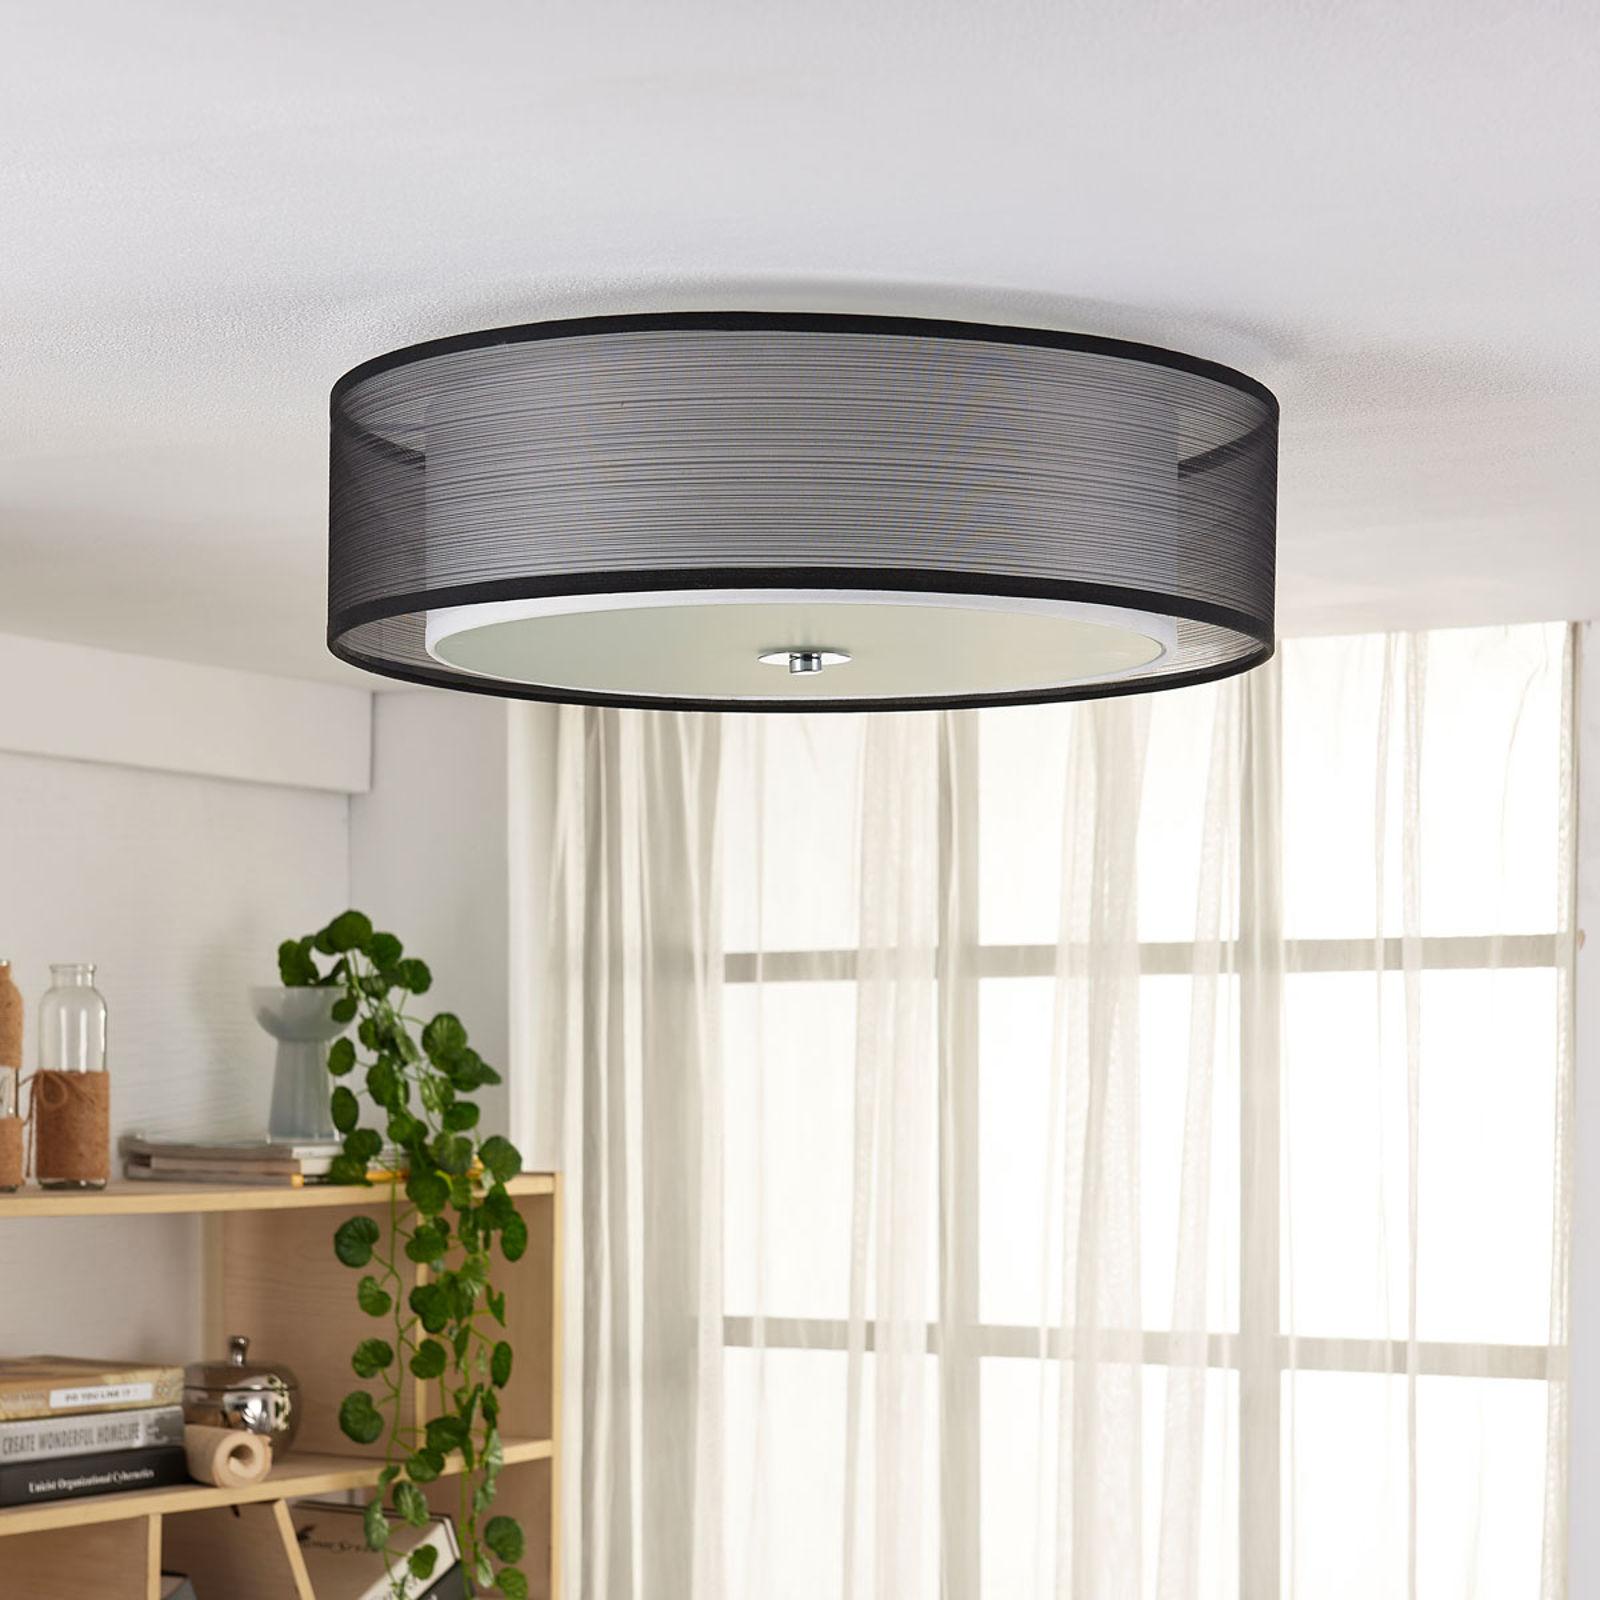 Lampa sufitowa Tobia easydim, klosz z organzy, LED